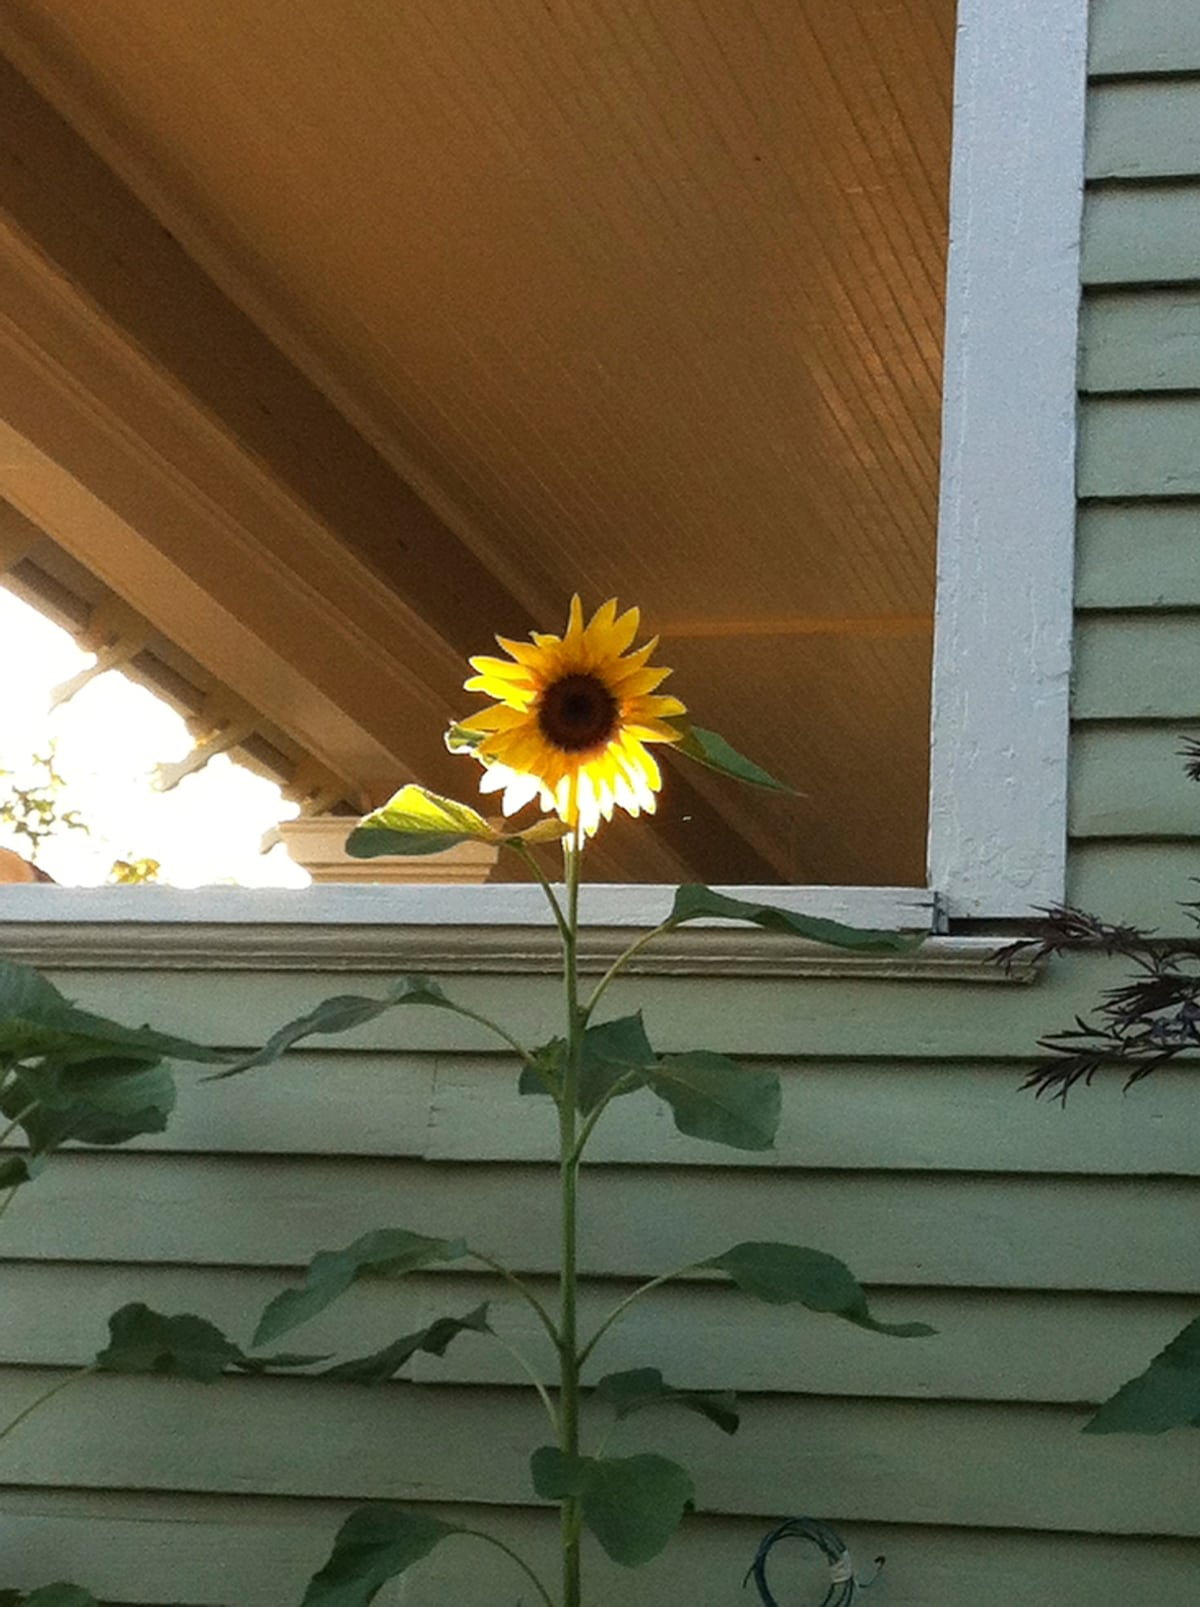 Fun sunflower